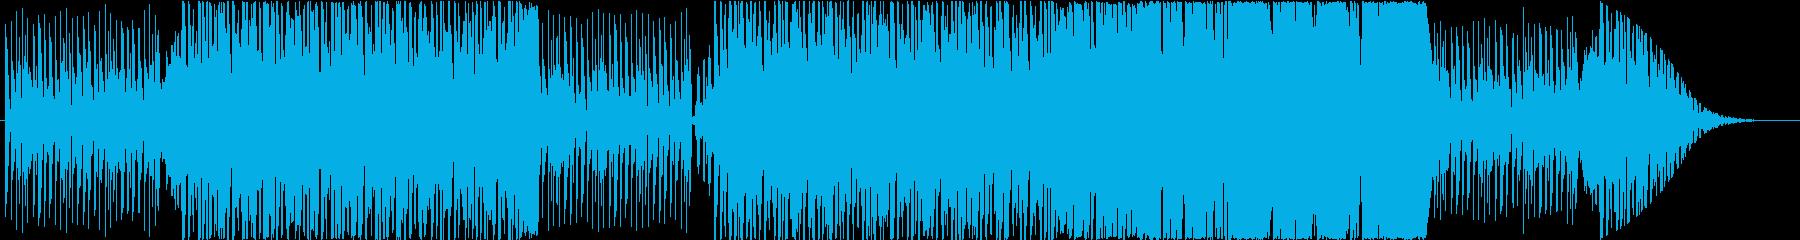 機械的なステージをイメージしたゲーム音楽の再生済みの波形